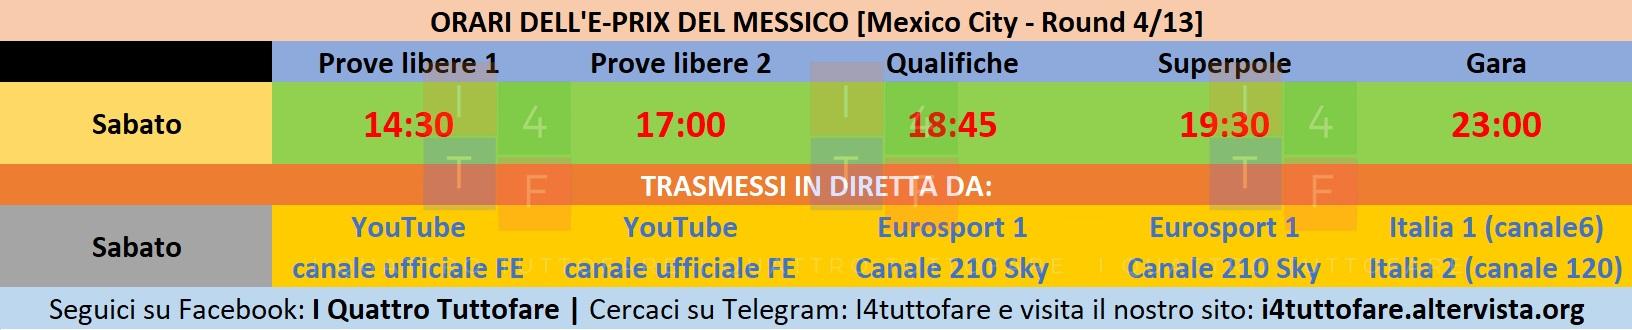 Orari E-Prix del Messico